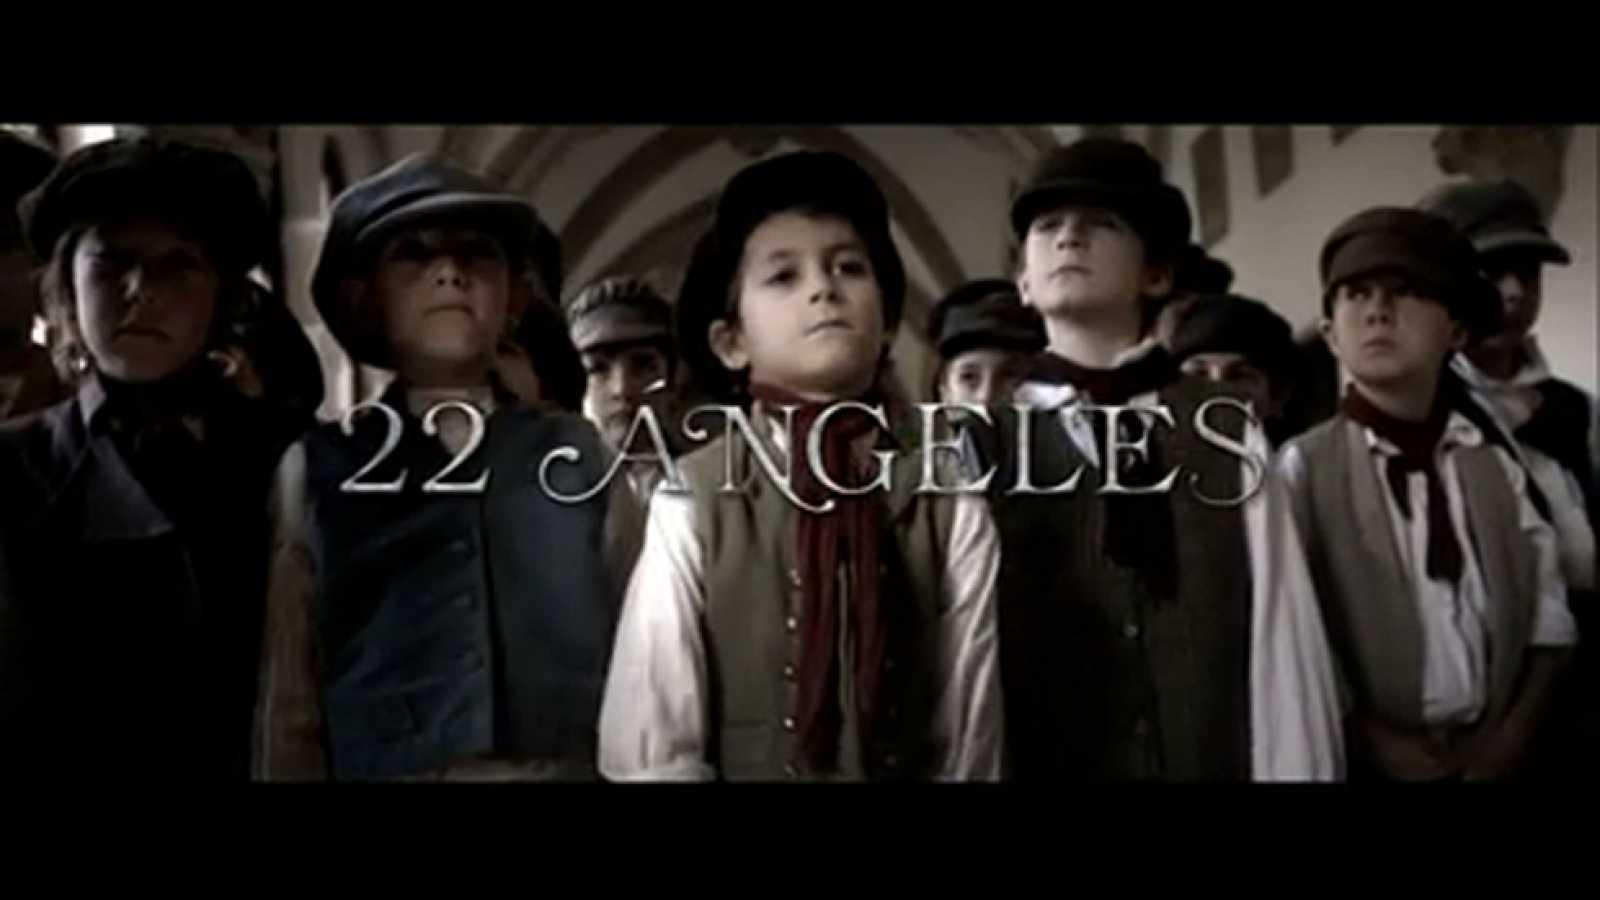 '22 ángeles', muy pronto estreno en La 1